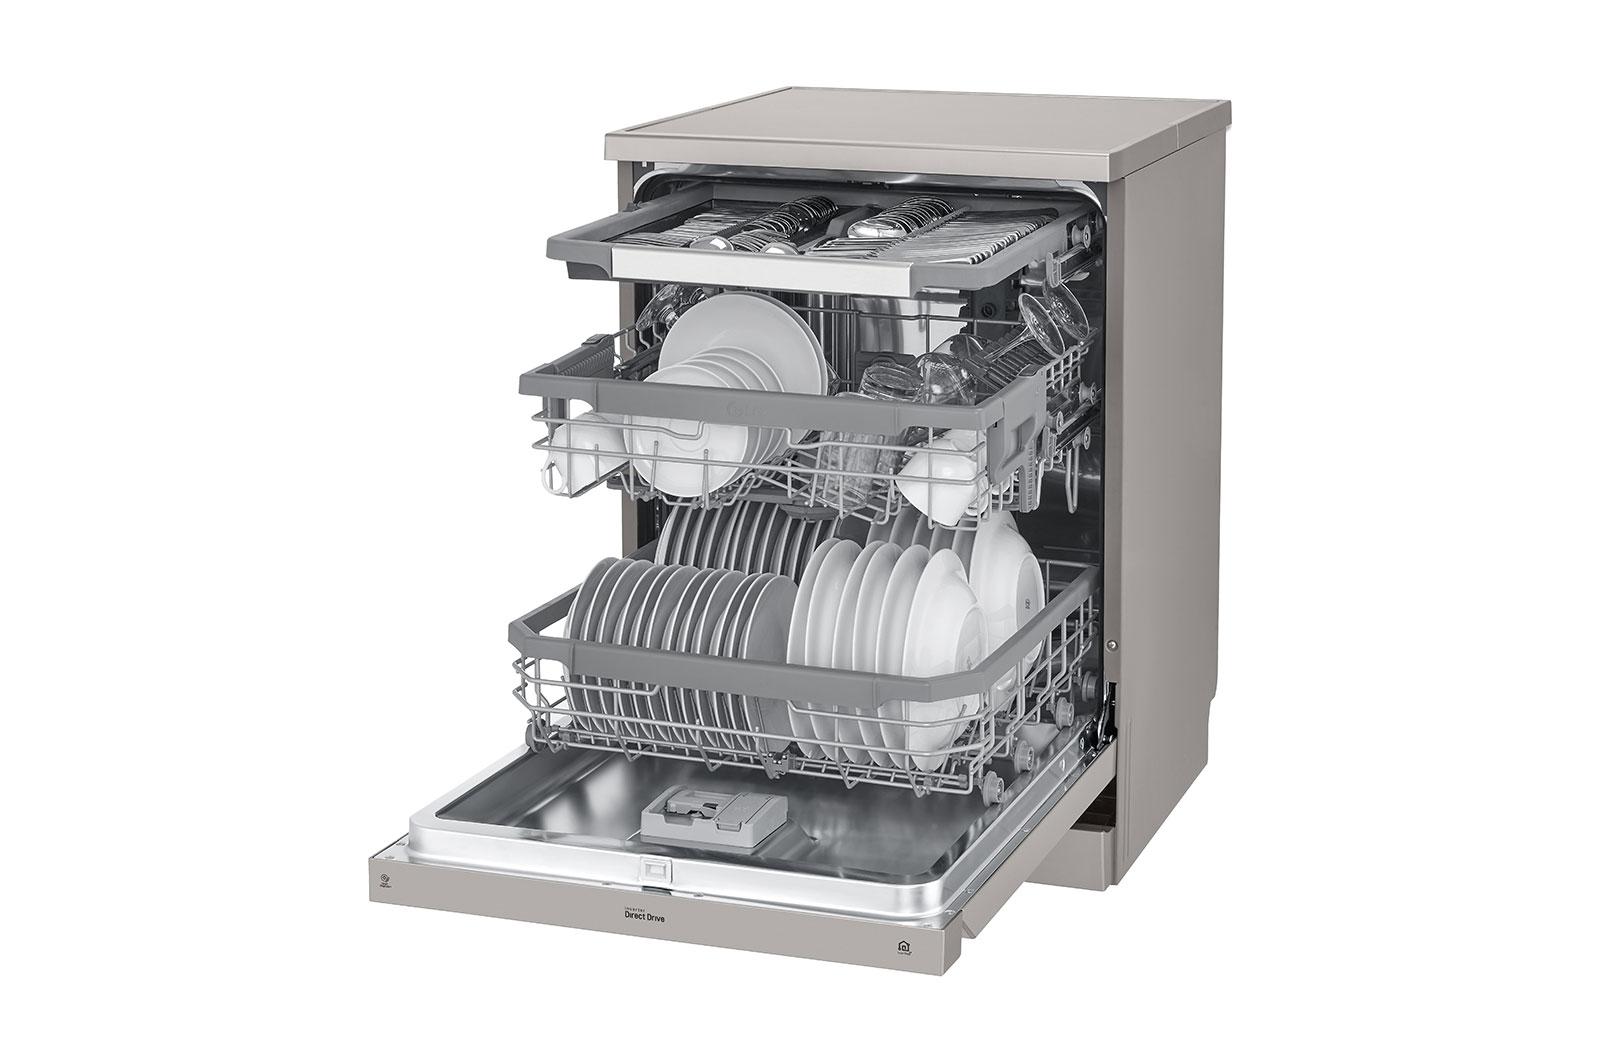 ظرفشویی ال جی مدل 425 - ابعاد